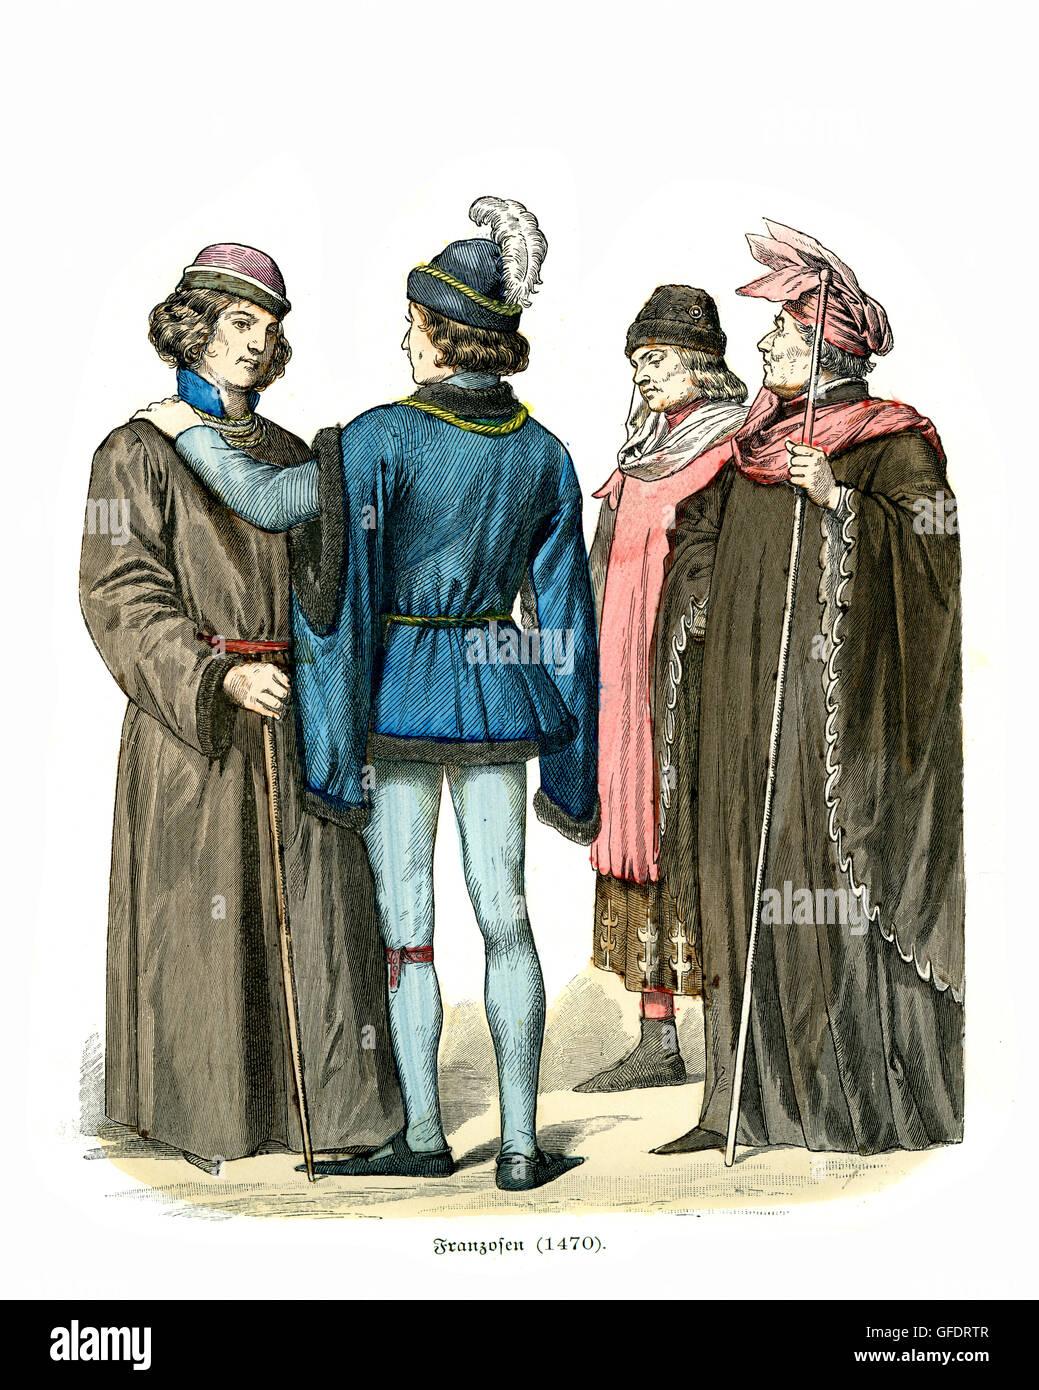 Mens moda della Francia medievale del XV secolo Immagini Stock